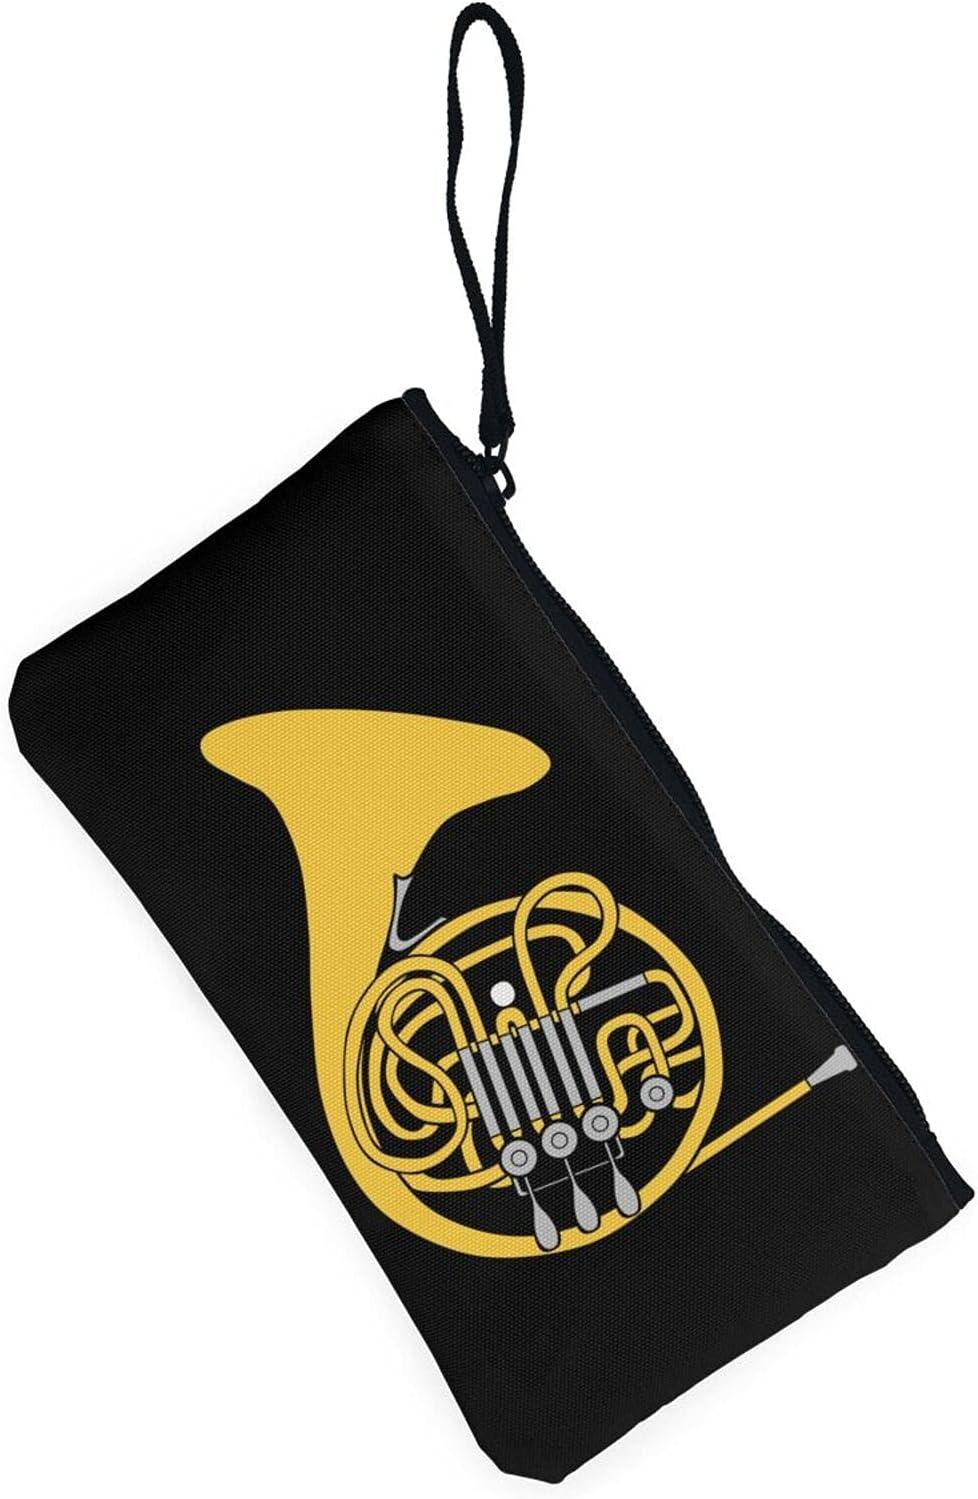 AORRUAM Trombone Canvas Coin Purse,Canvas Zipper Pencil Cases,Canvas Change Purse Pouch Mini Wallet Coin Bag